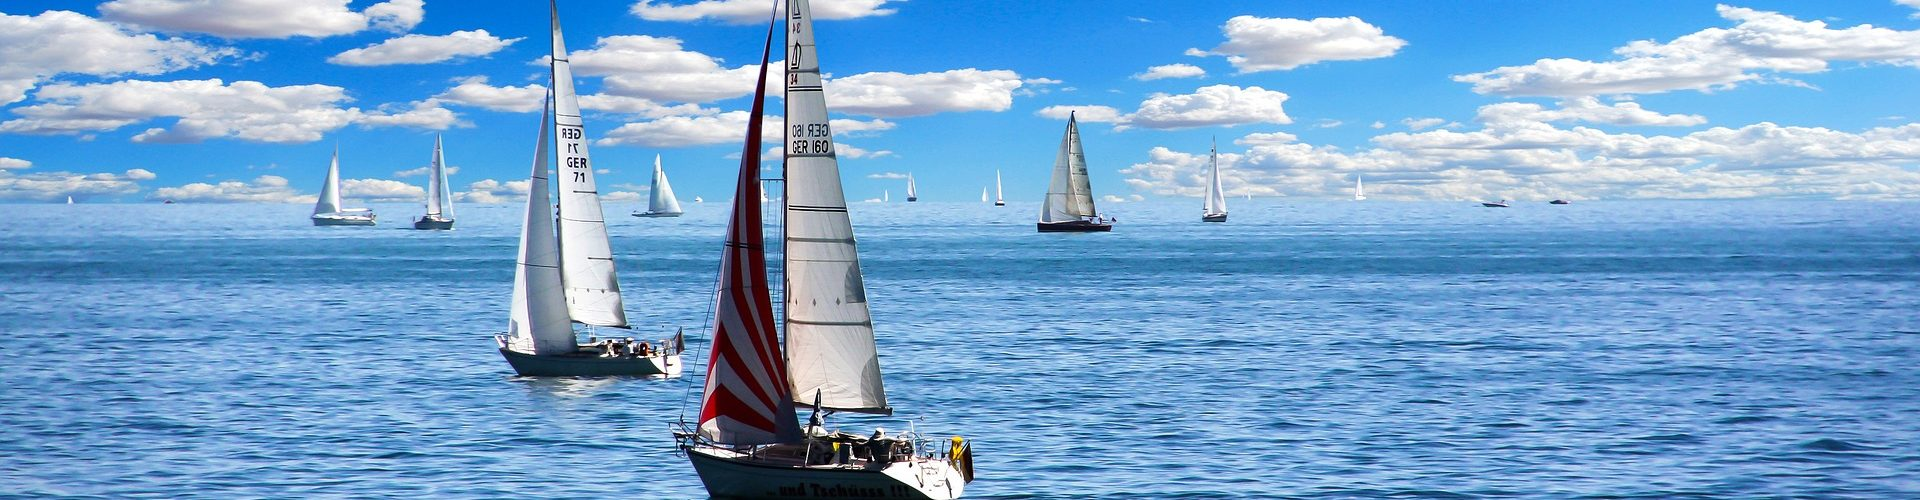 segeln lernen in Rinteln Krankenhagen segelschein machen in Rinteln Krankenhagen 1920x500 - Segeln lernen in Rinteln Krankenhagen